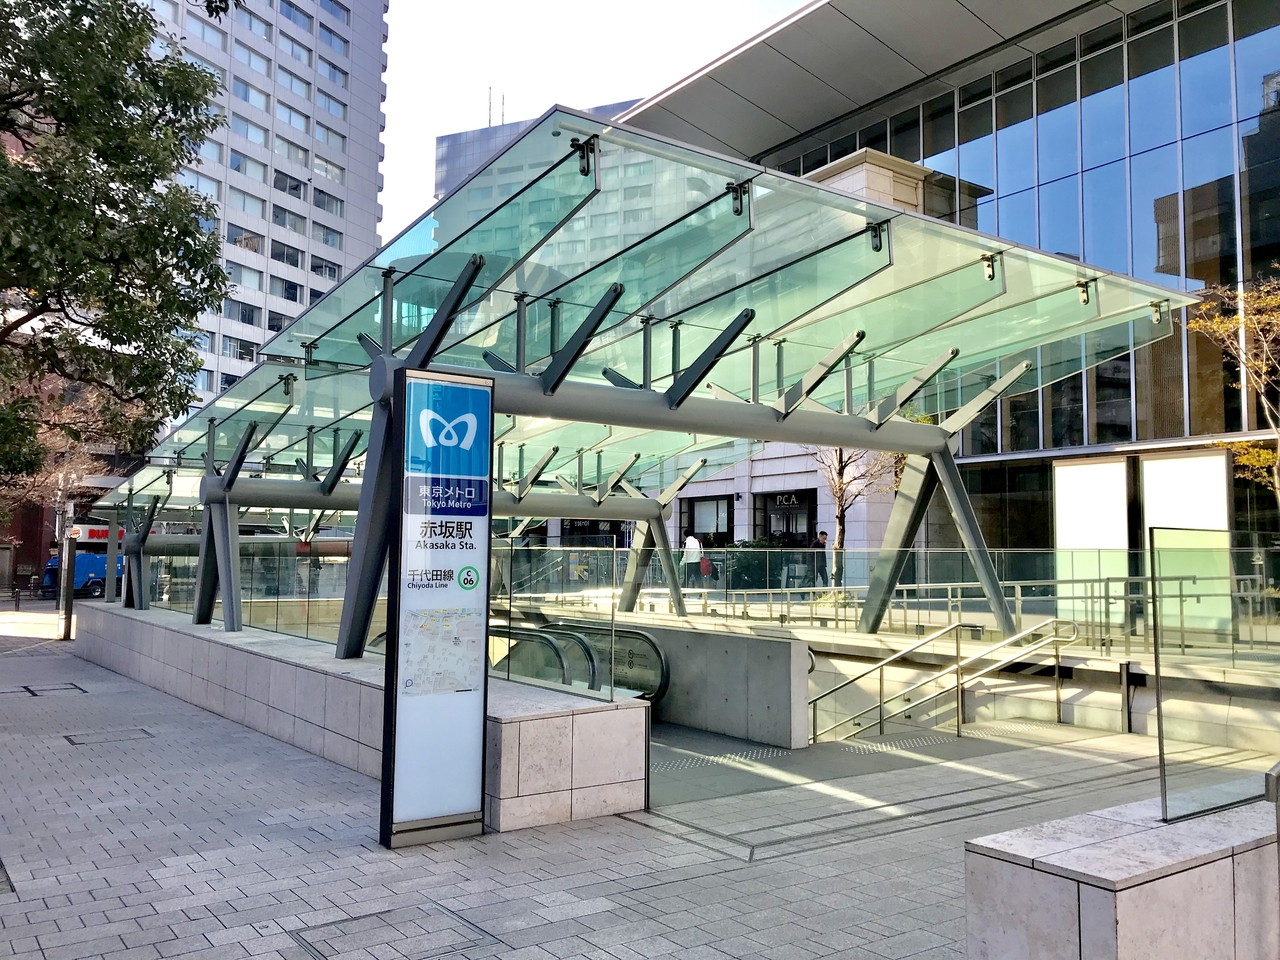 赤坂でコインロッカーが空いていない?荷物を預けられるecbo cloak加盟店人気トップ5!